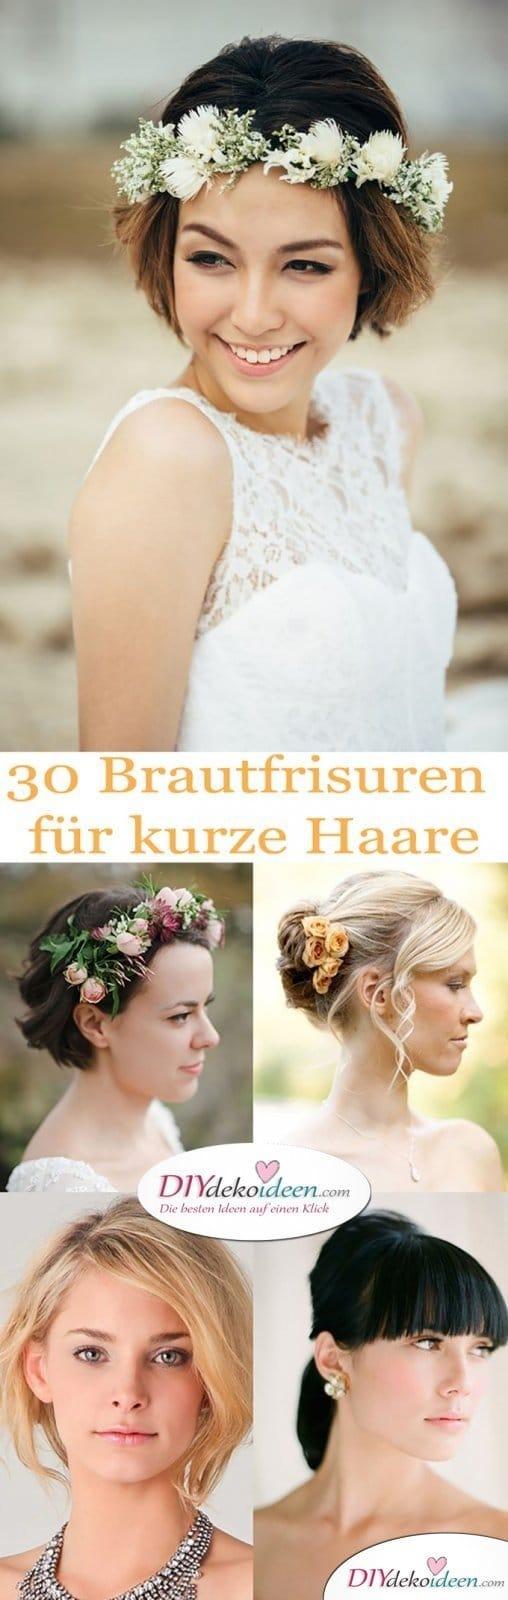 Die besten DIY Brautfrisuren für kurze Haare. Elegant, frech und